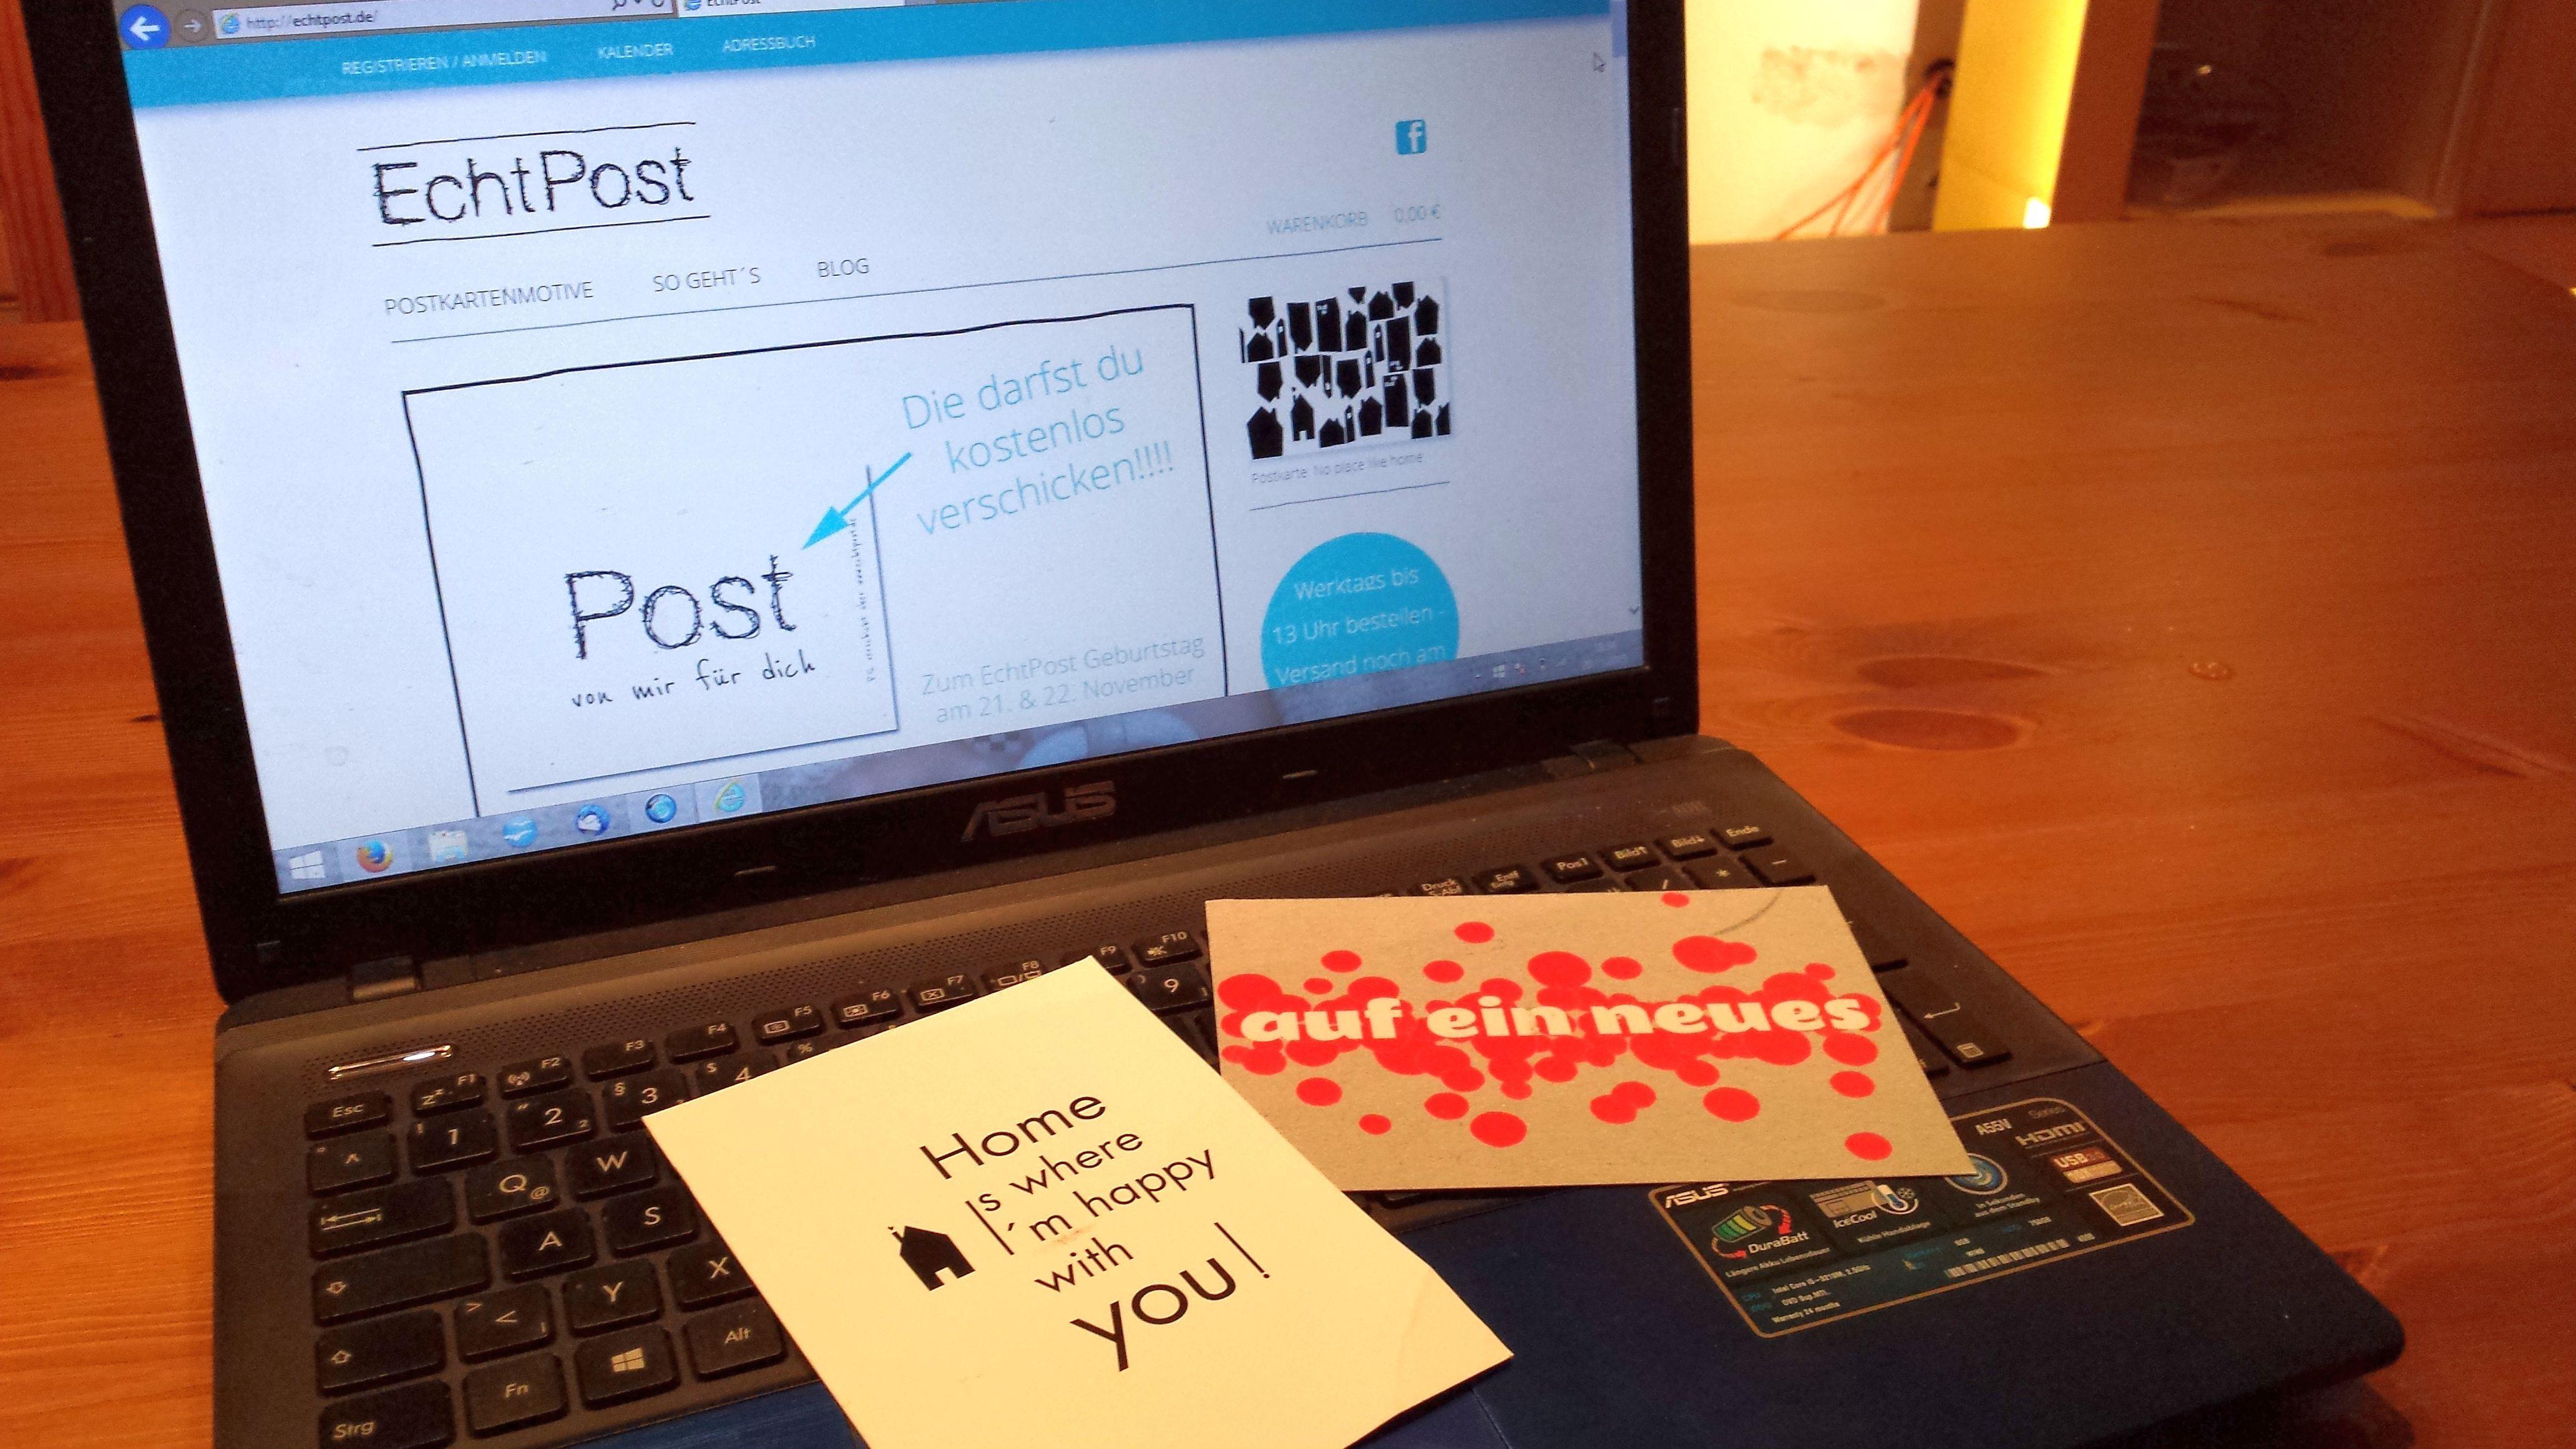 Postkarten schreiben mit EchtPost_72dpi